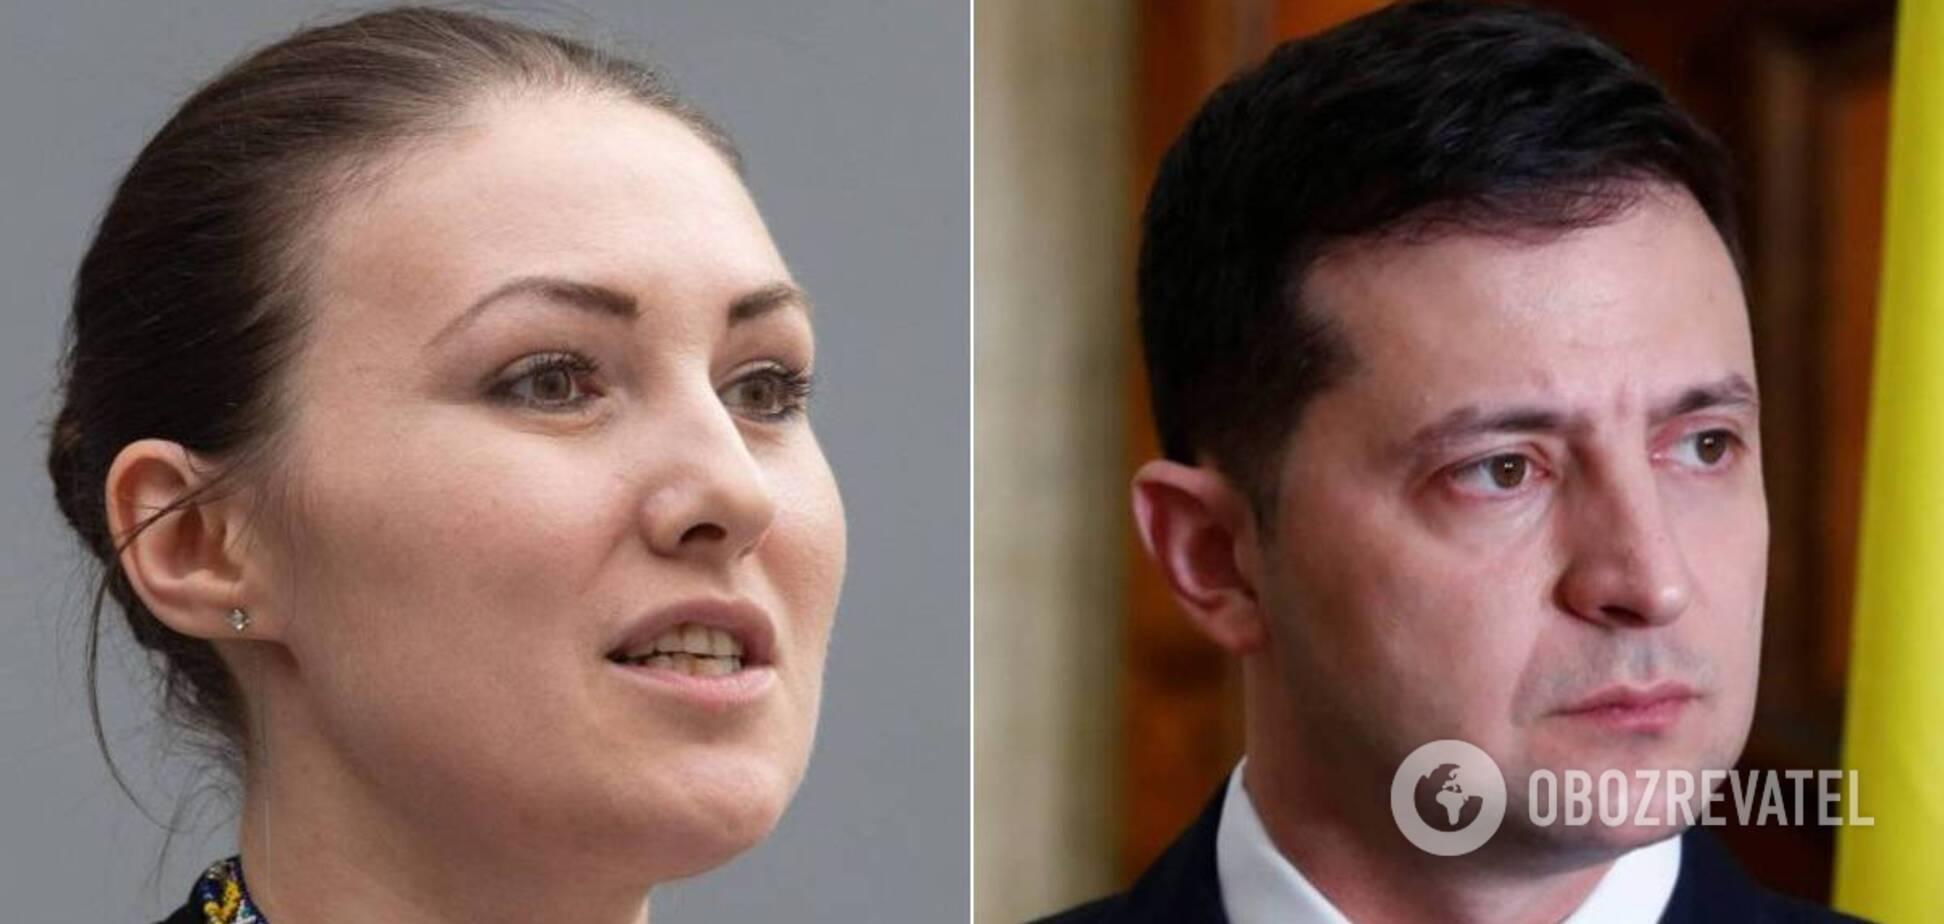 Федині вручили обвинувальний акт у 'справі' щодо погроз Зеленському: вона потужно звернулася до президента